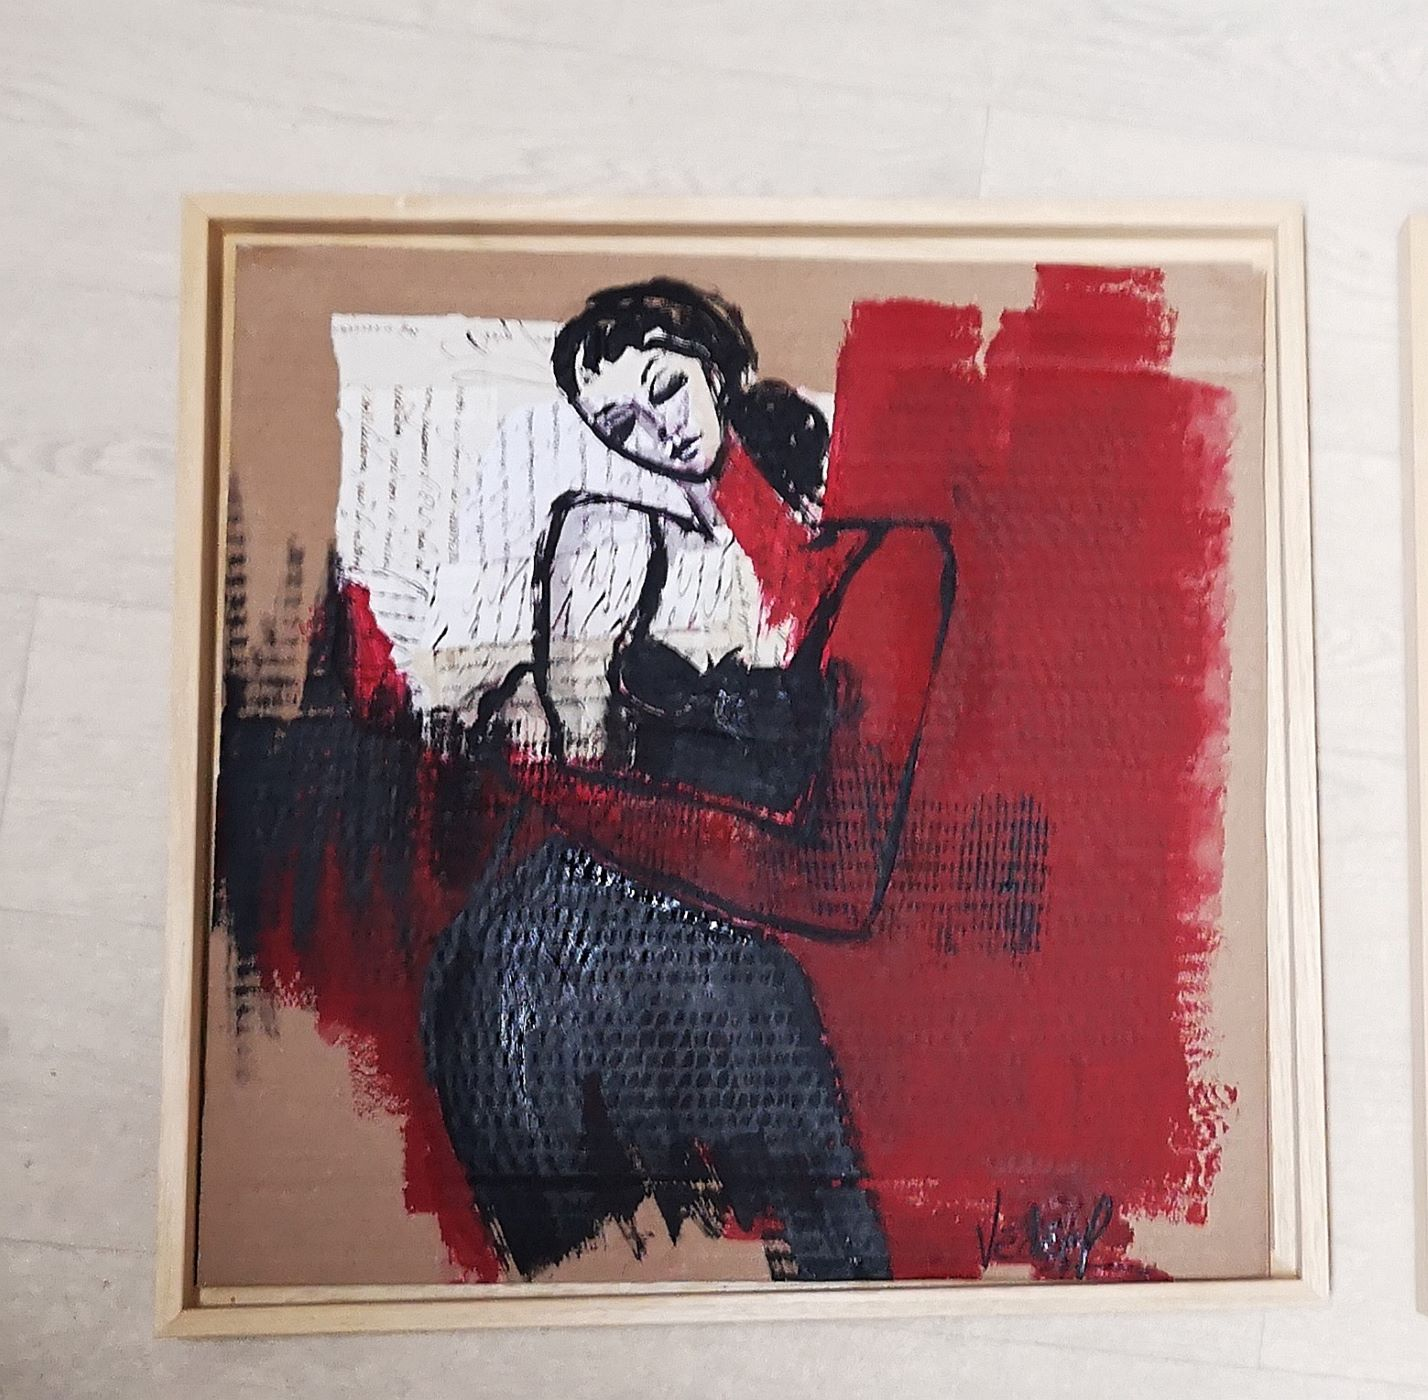 Croquis collage - petite silouhette - acrylique  sur carton